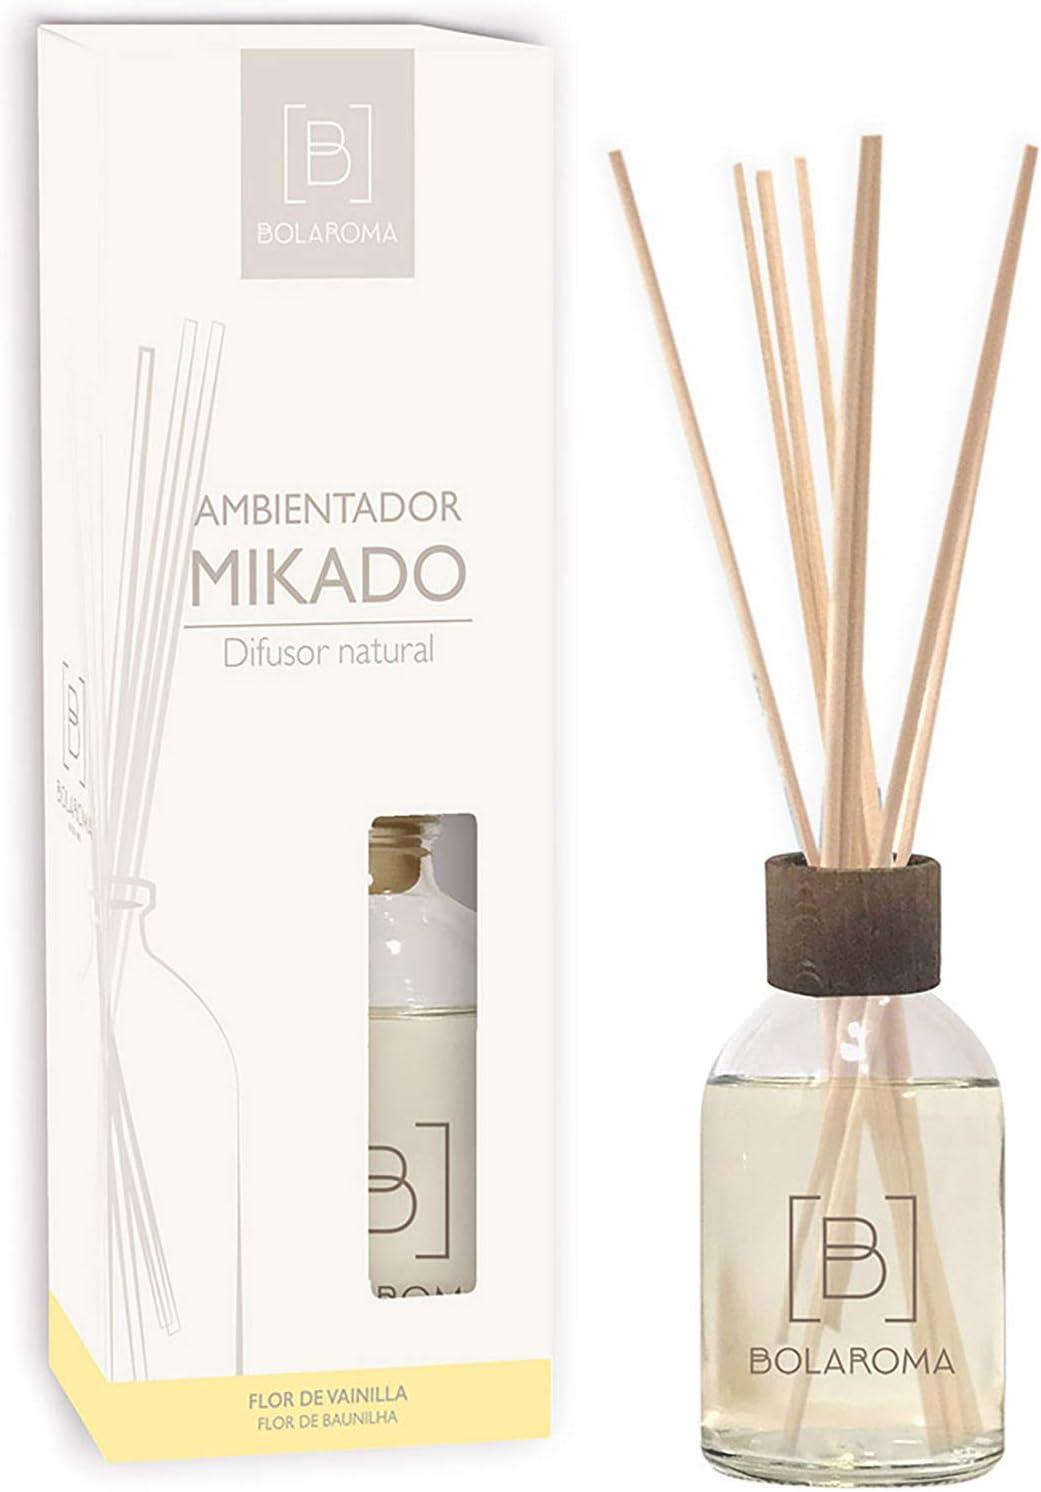 BOLAROMA ambientador Mikado 100 ml Fragancia Flor de Vainilla: Amazon.es: Hogar